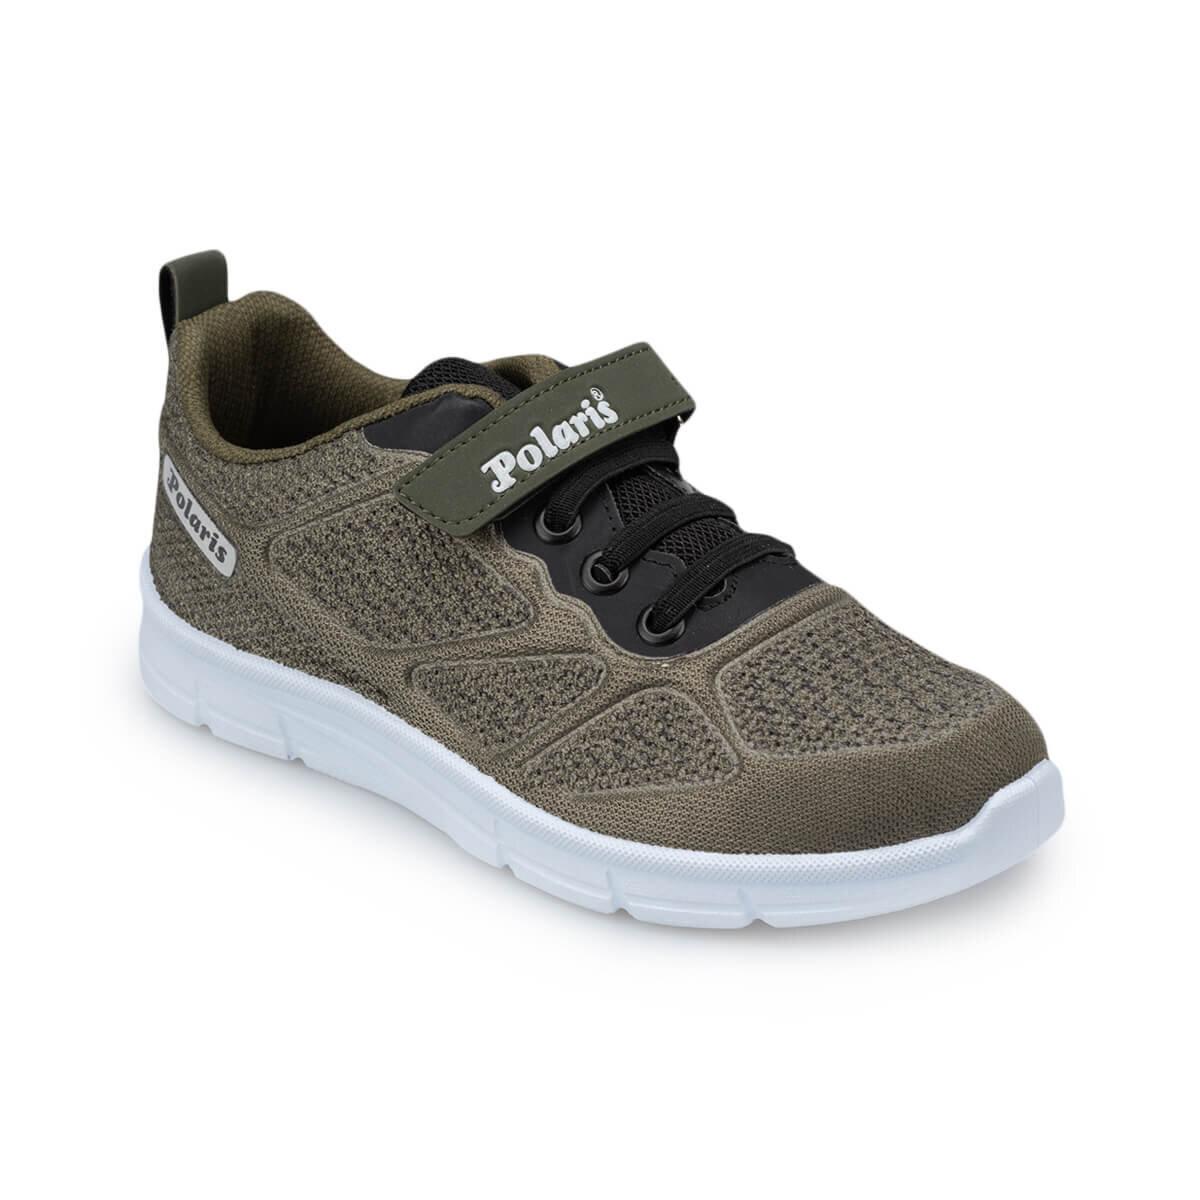 HAKI Erkek Çocuk Spor Ayakkabı